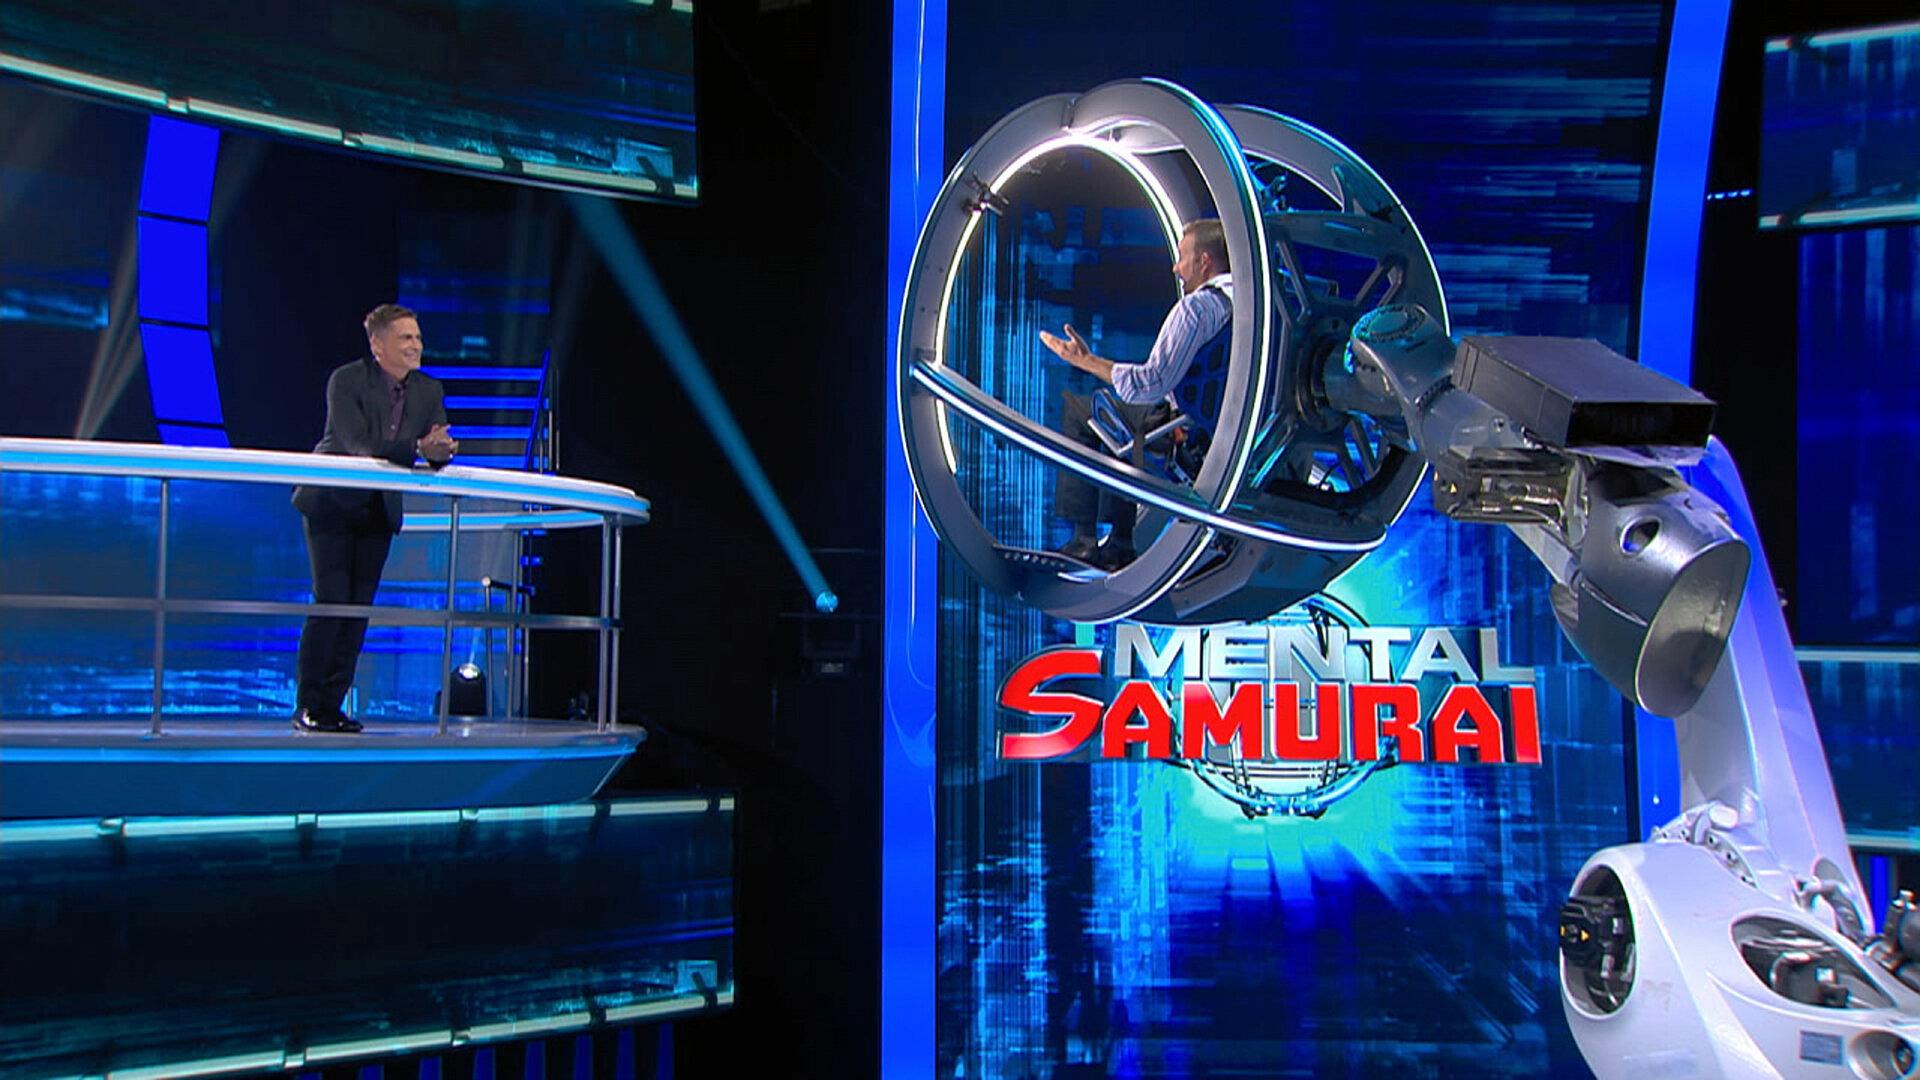 Mental Samurai — s02e02 — Episode 2